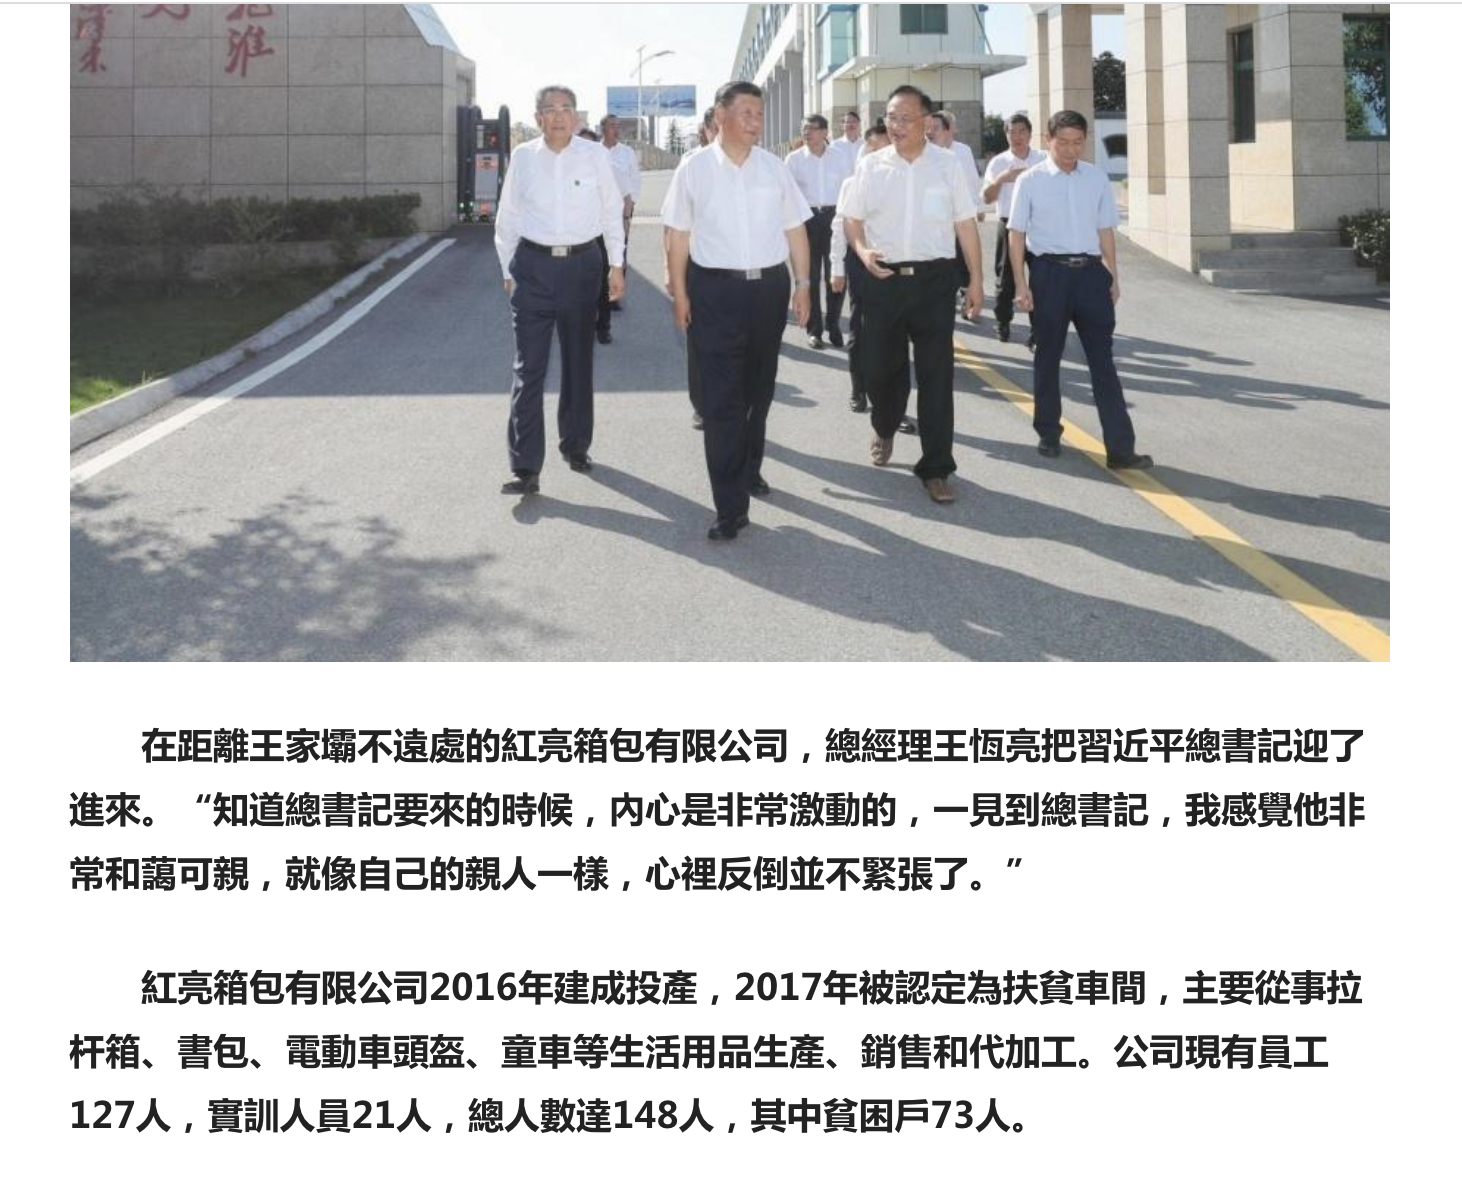 中共喉舌人民日報的報道,習近平考察王家壩。(網絡截圖)